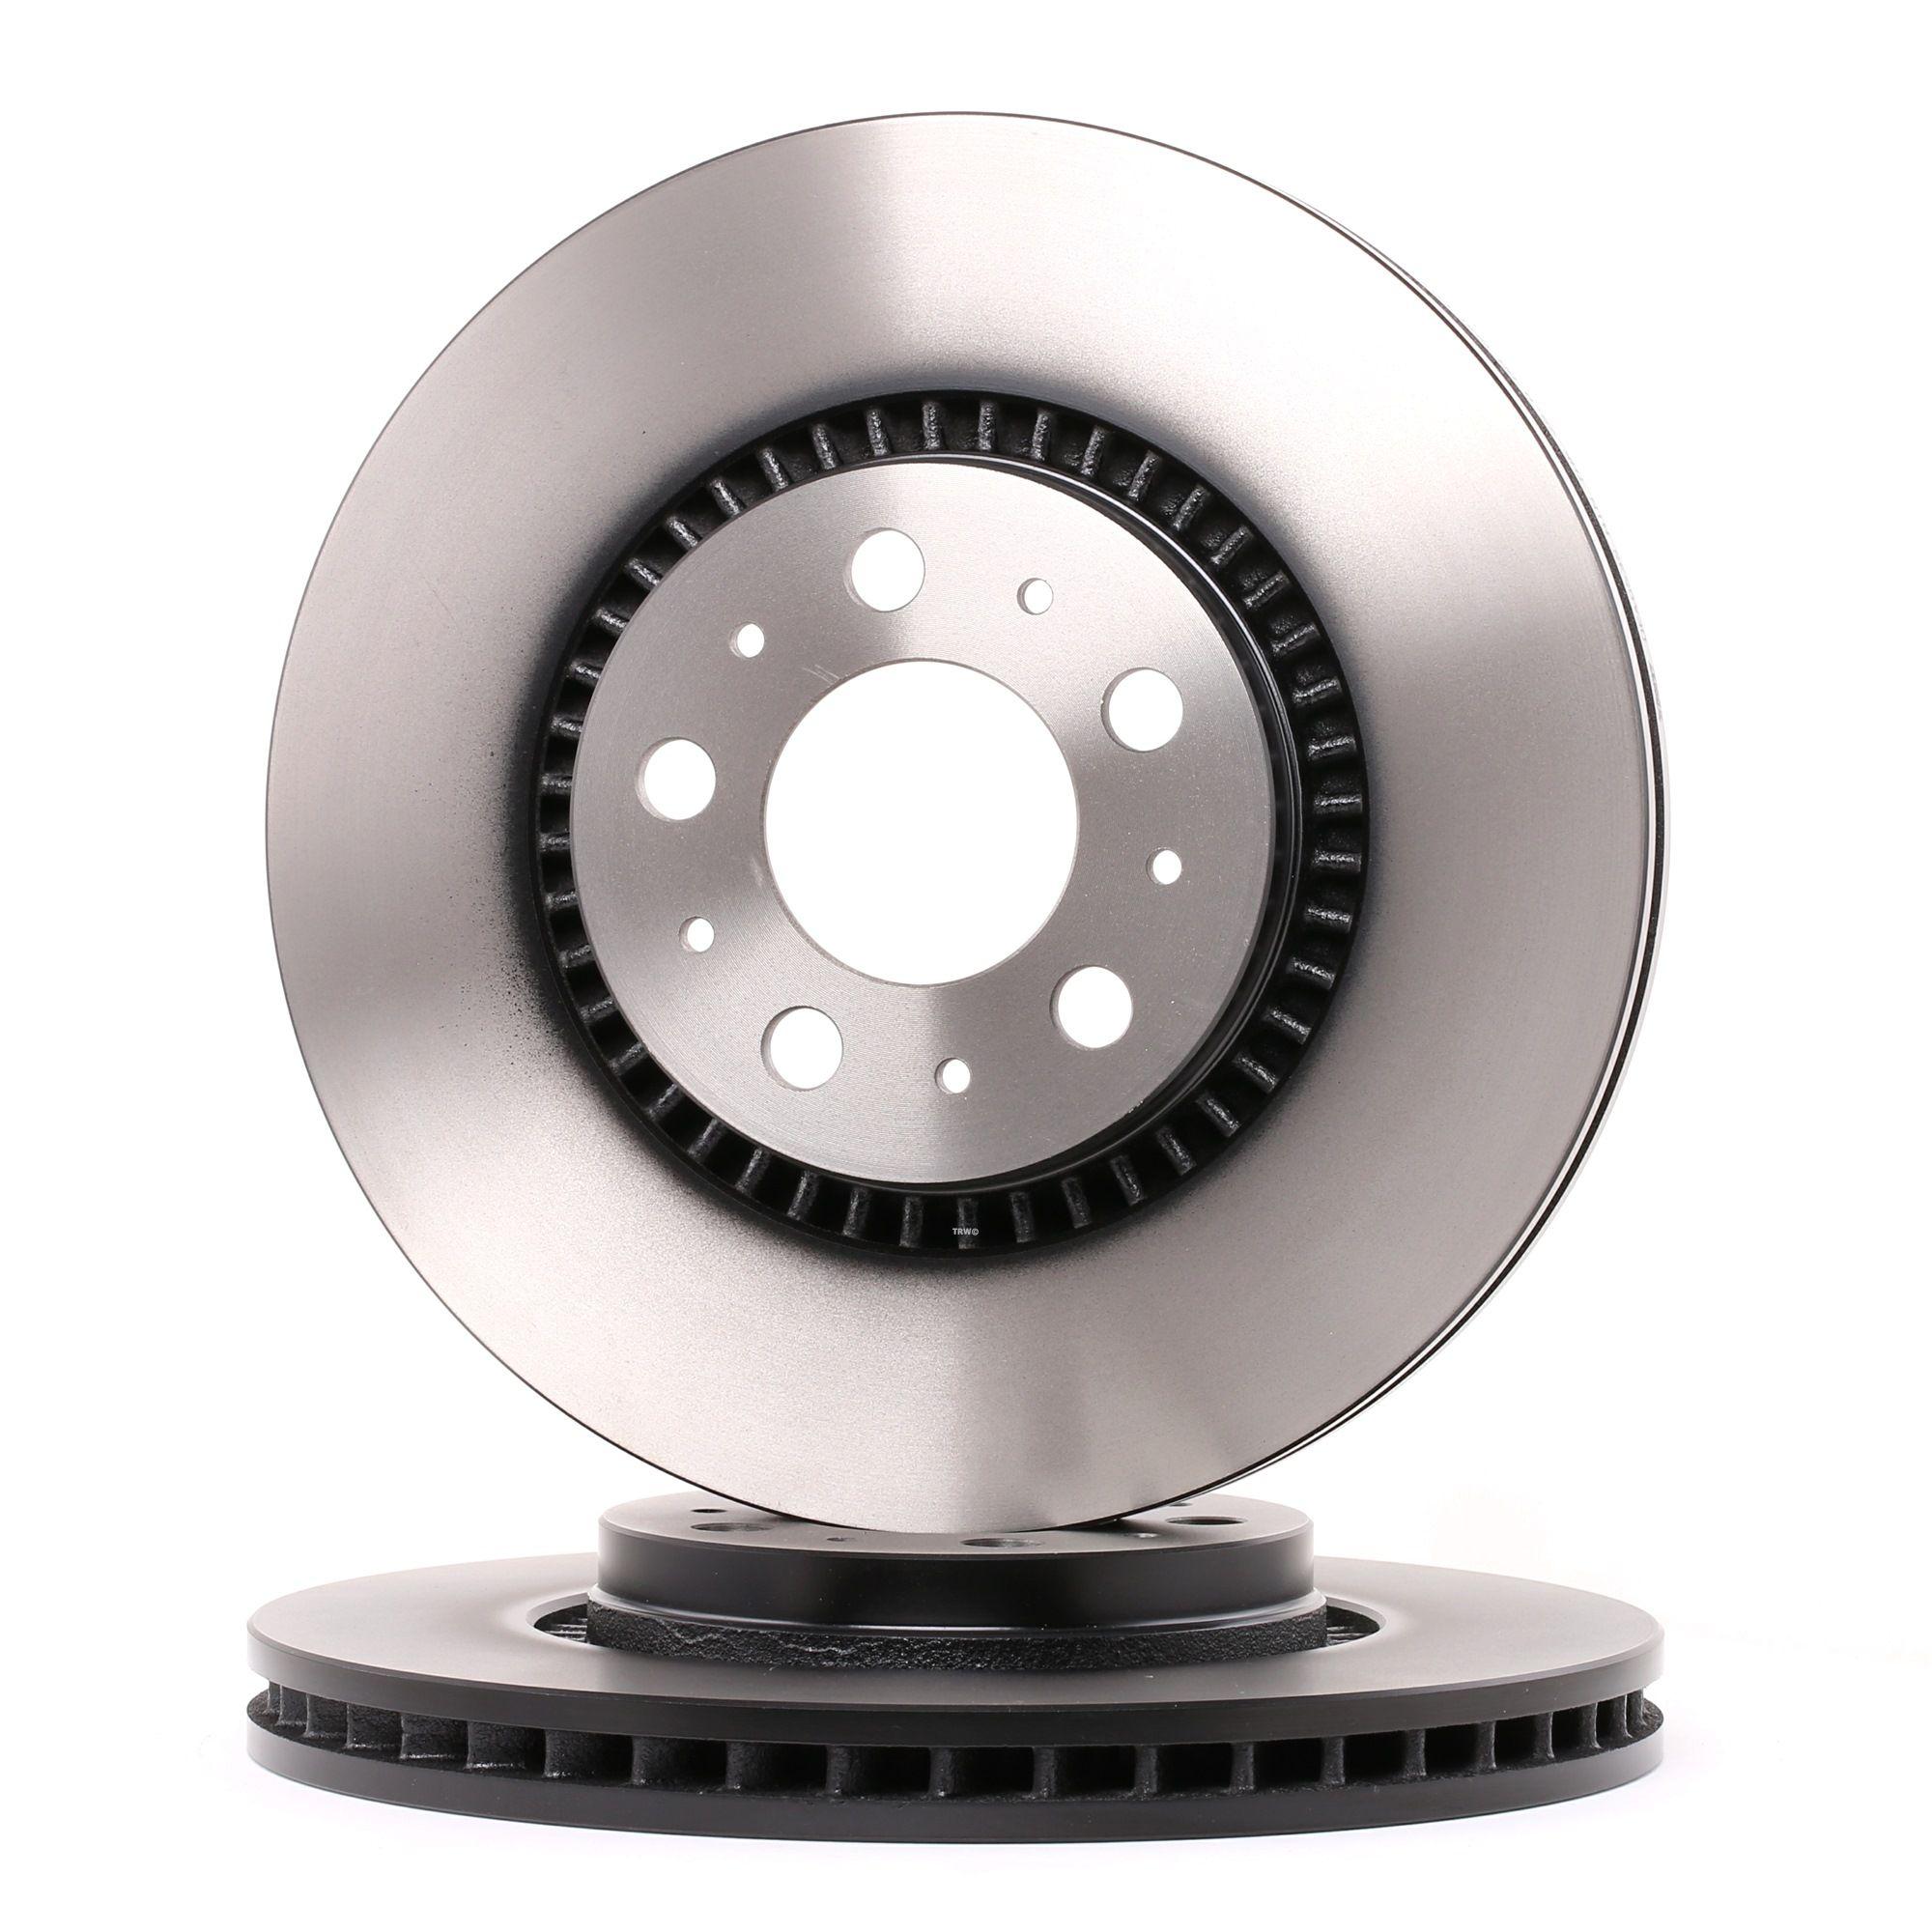 Stabdžių diskas DF4053S pirkti - 24/7